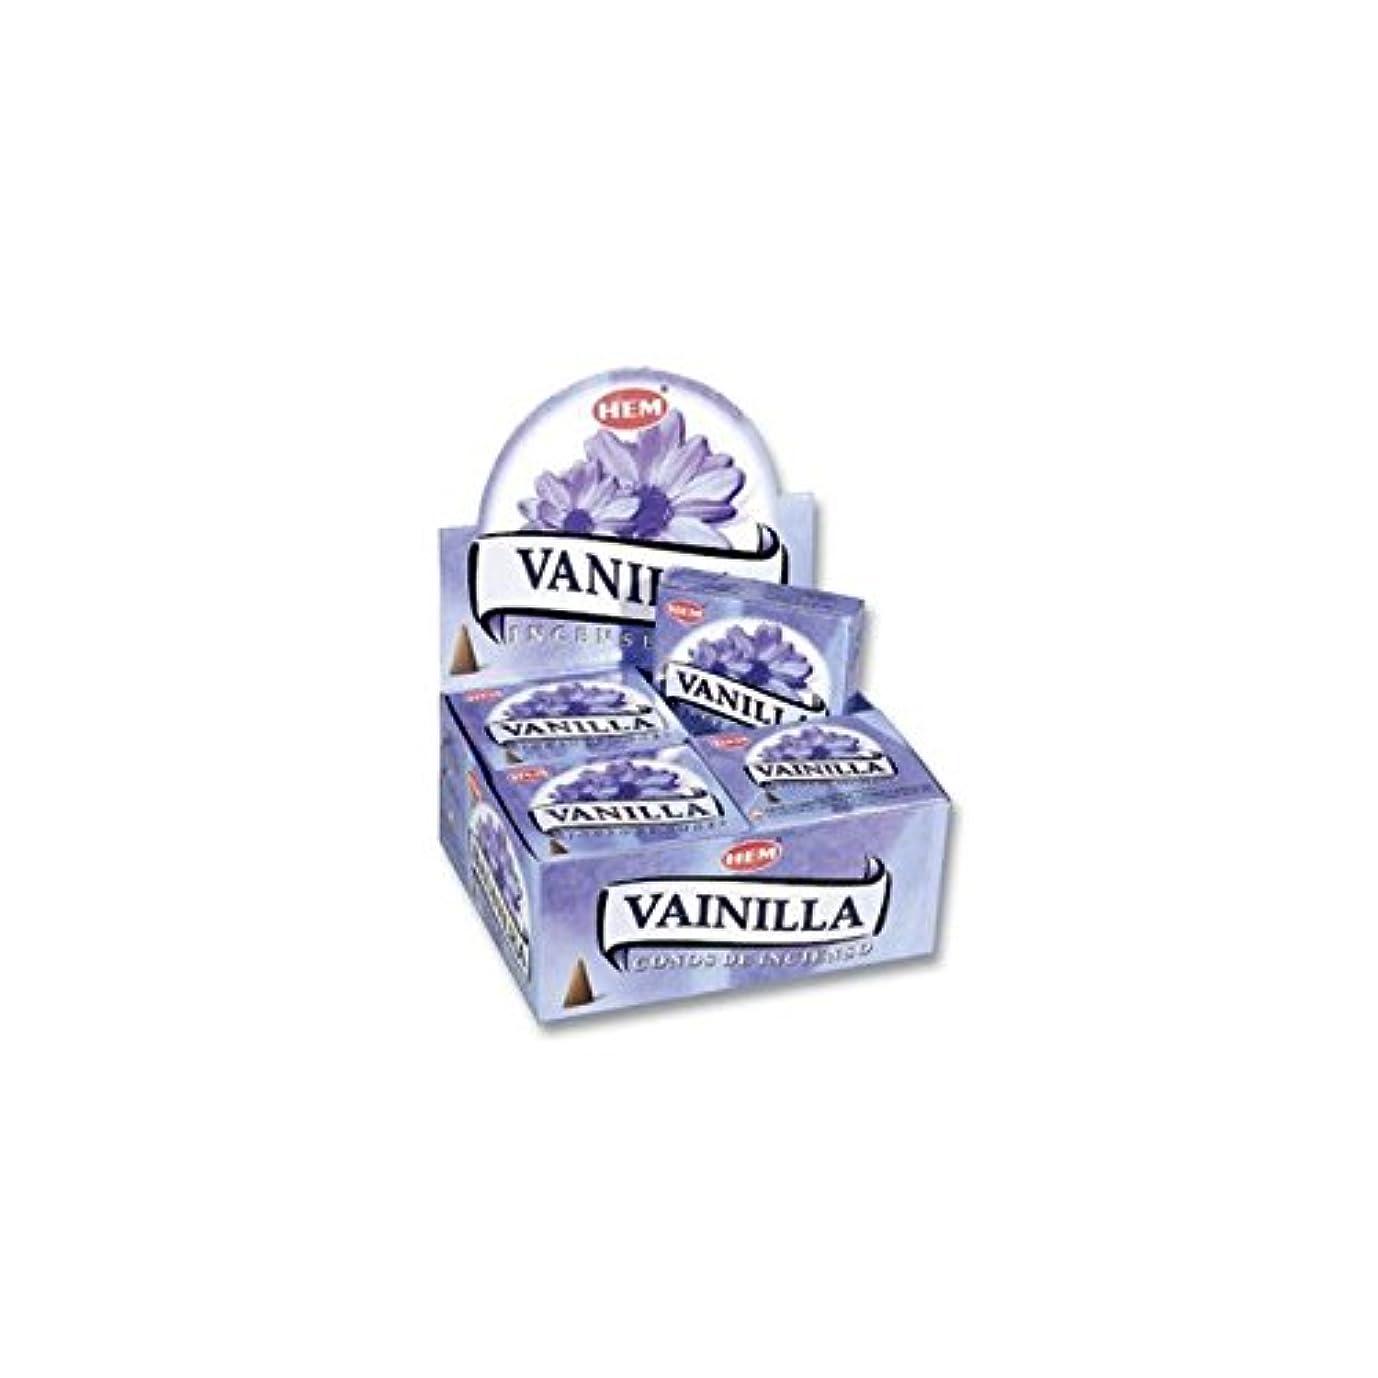 クレーン祈りぴかぴかHEM お香 バニラ(VANILLA) コーンタイプ 1ケース(12箱入り) HEMお香